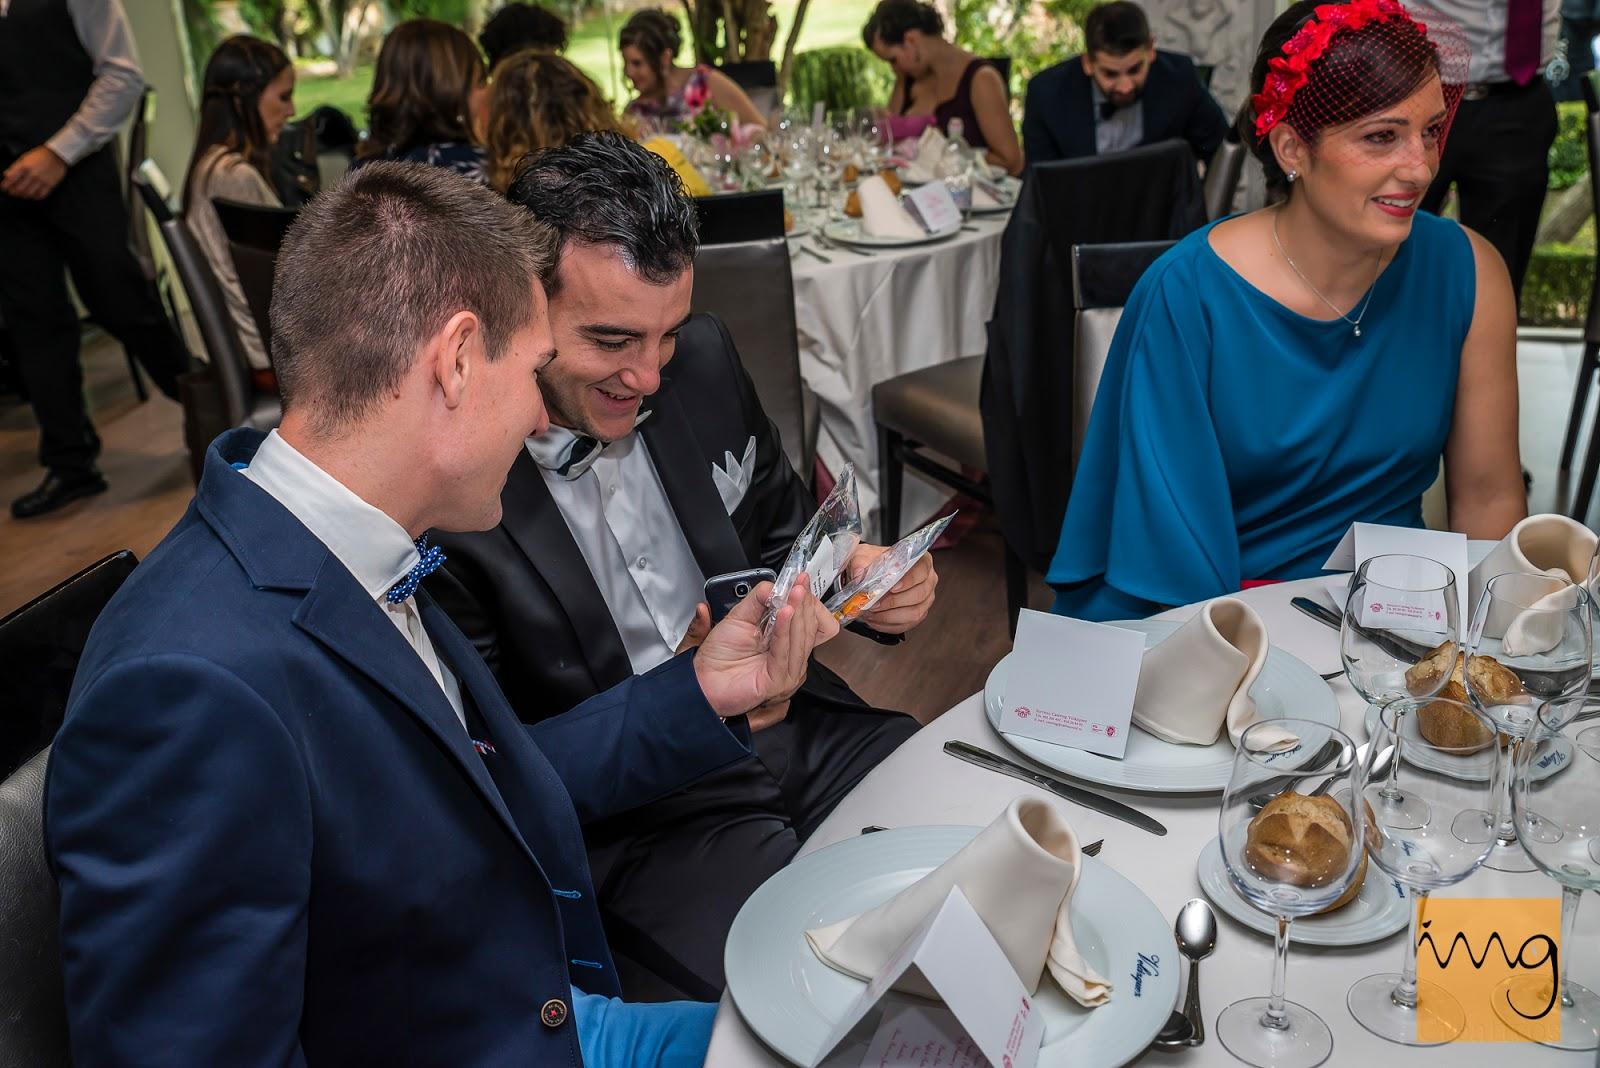 Fotografía de boda en Granada, Reacciones de los invitados